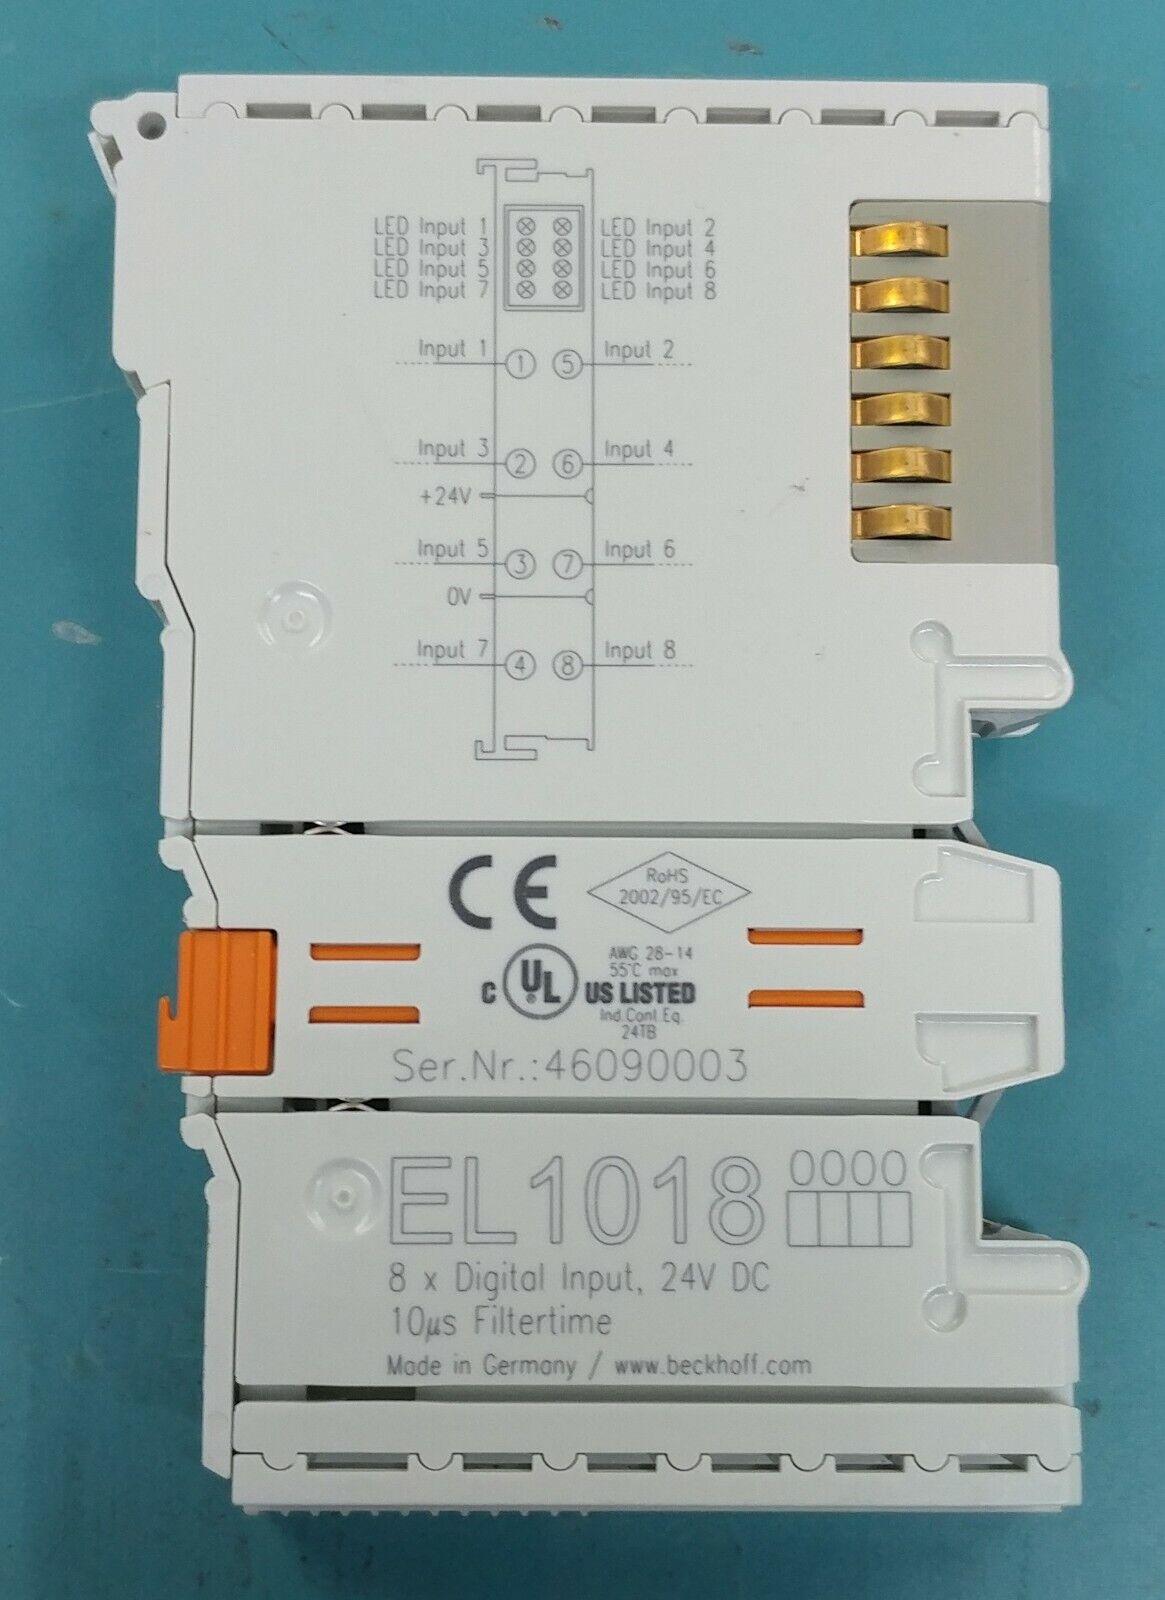 BECKHOFF EL1018 8x DIGITAL INPUT PLC